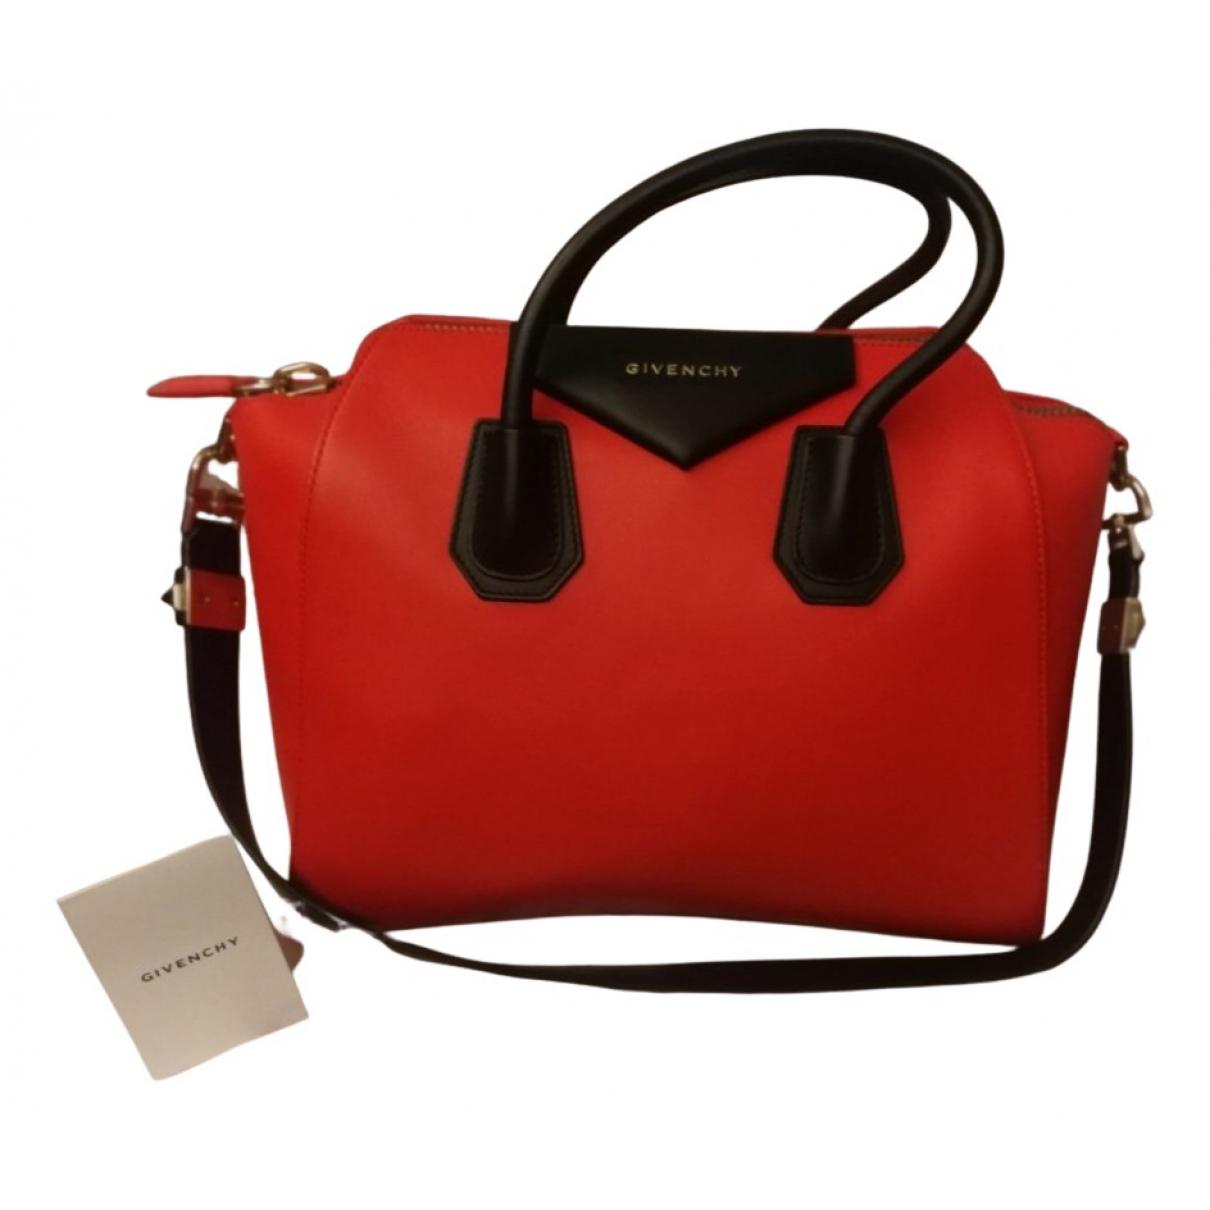 Givenchy - Sac a main Antigona pour femme en cuir - multicolore